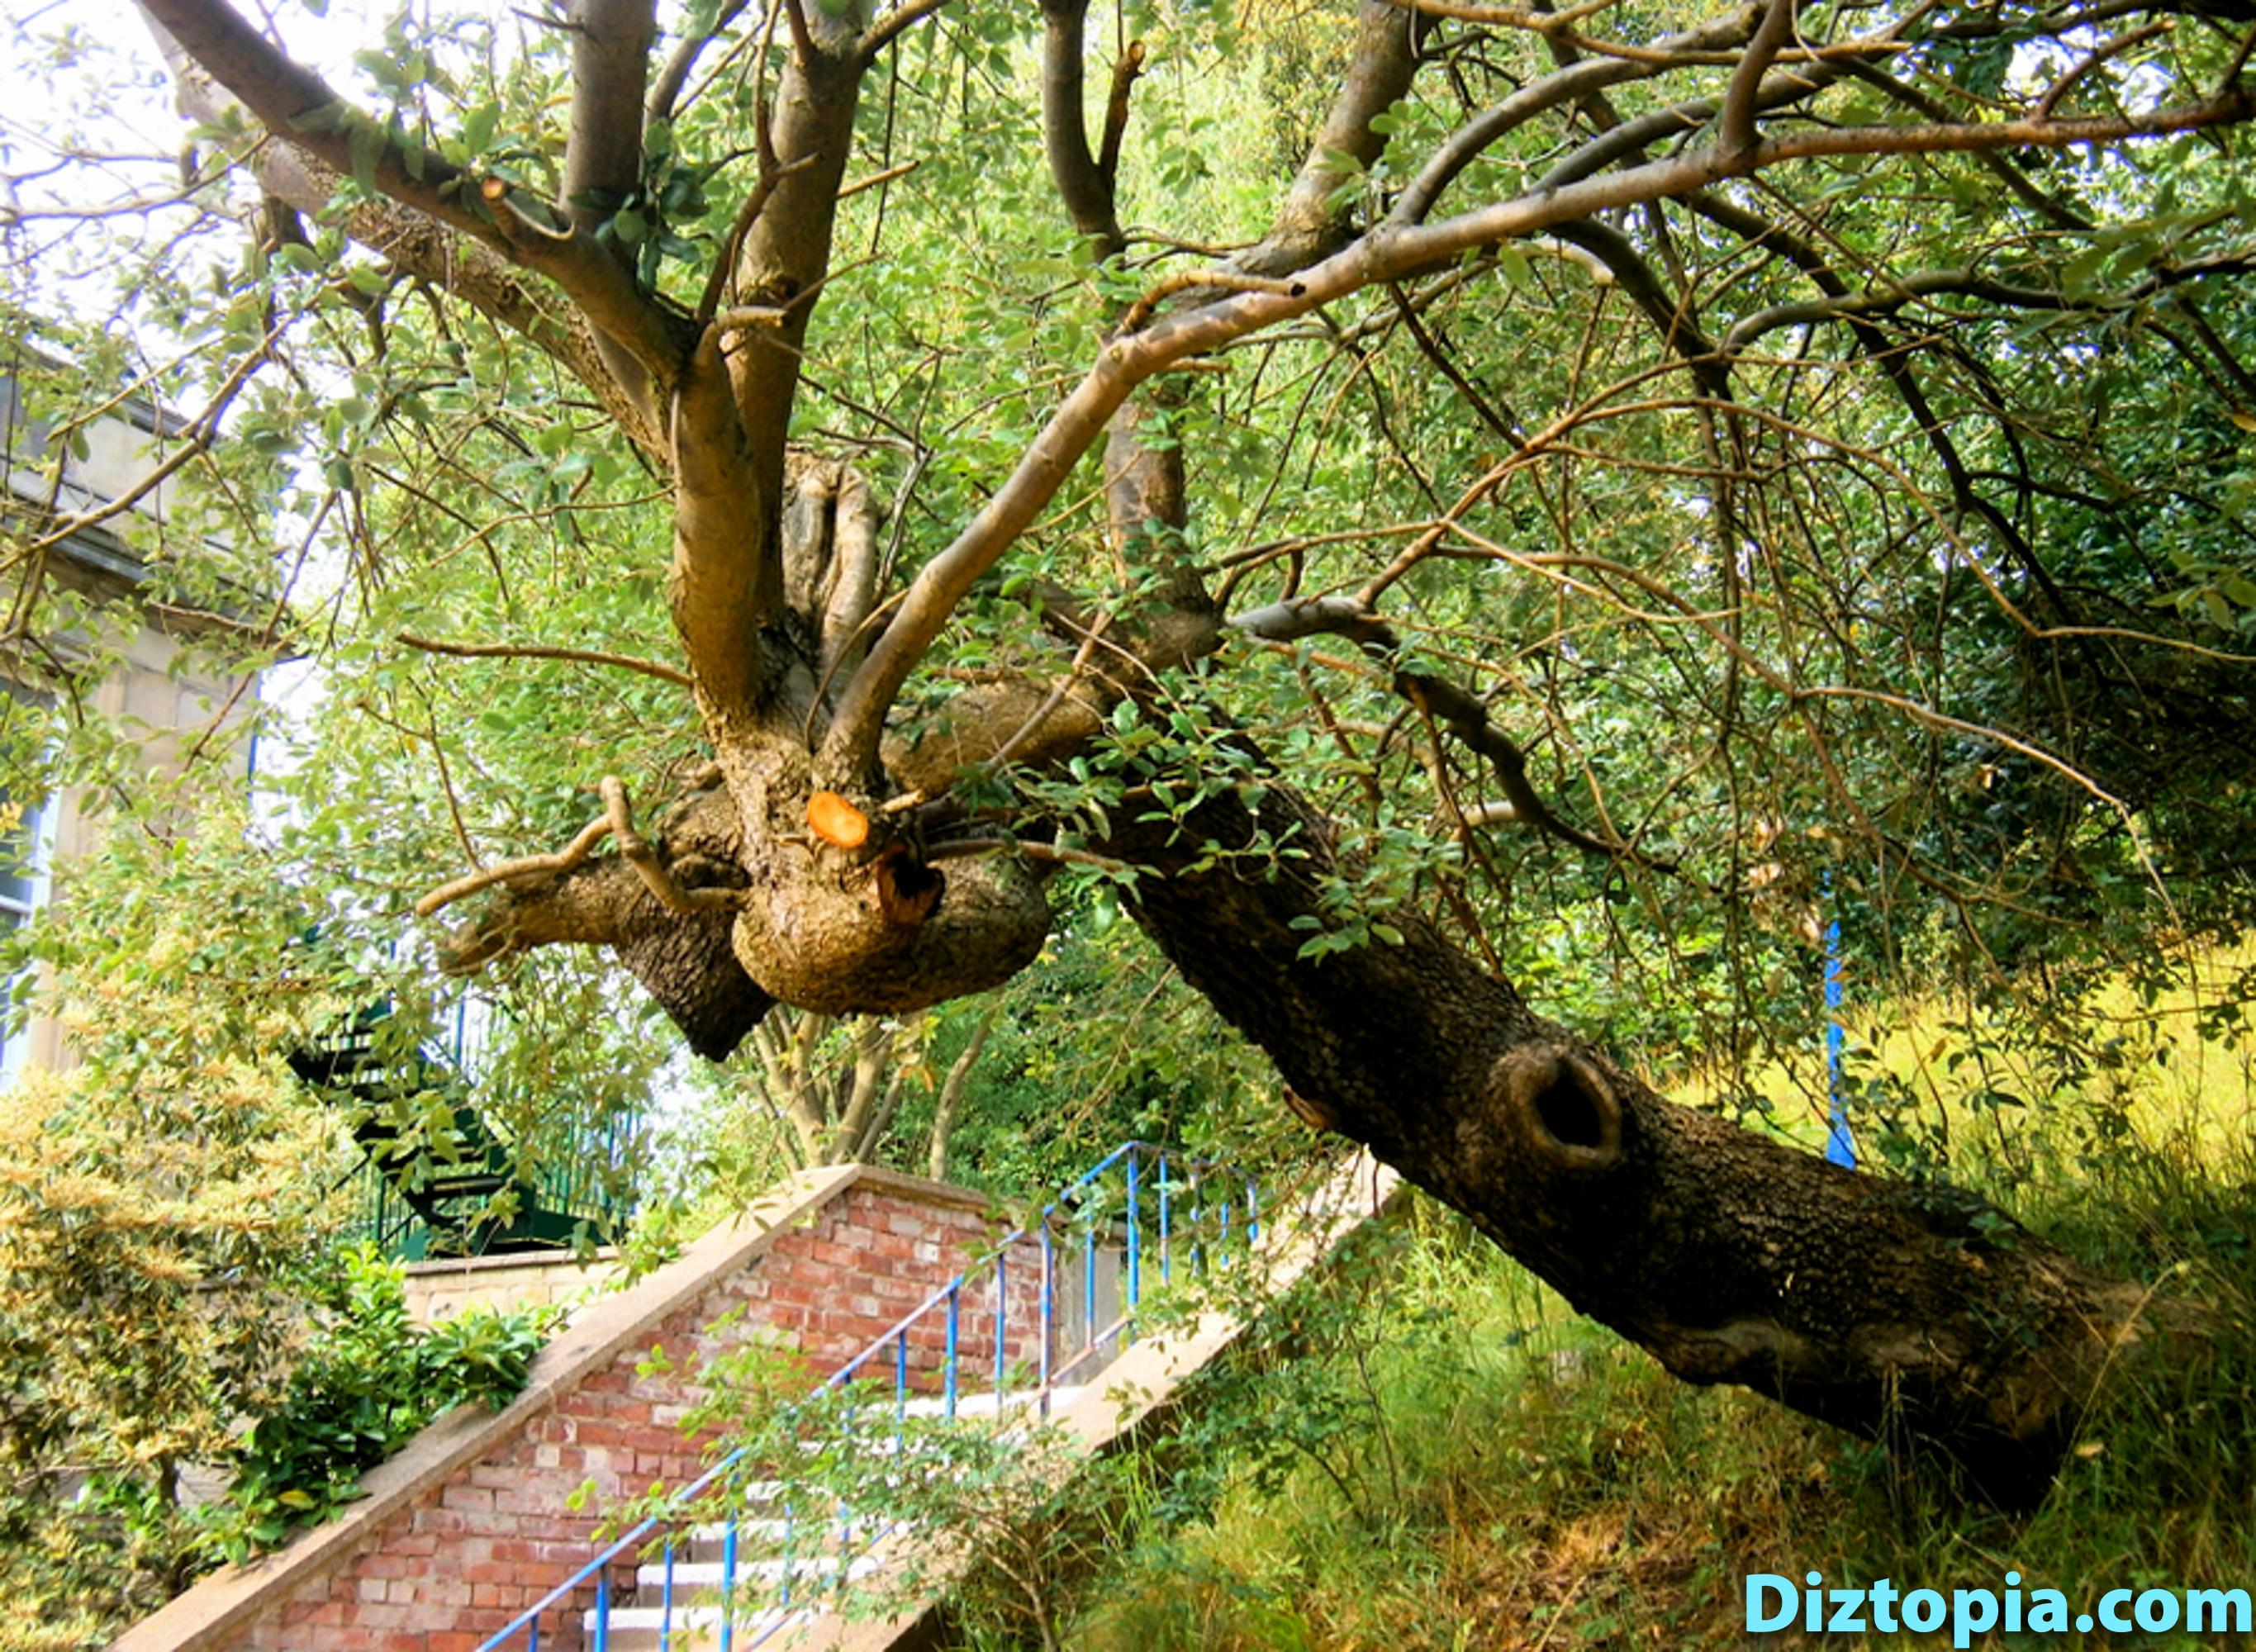 diztopia-com-dizma_dahl-photography-digicam-28